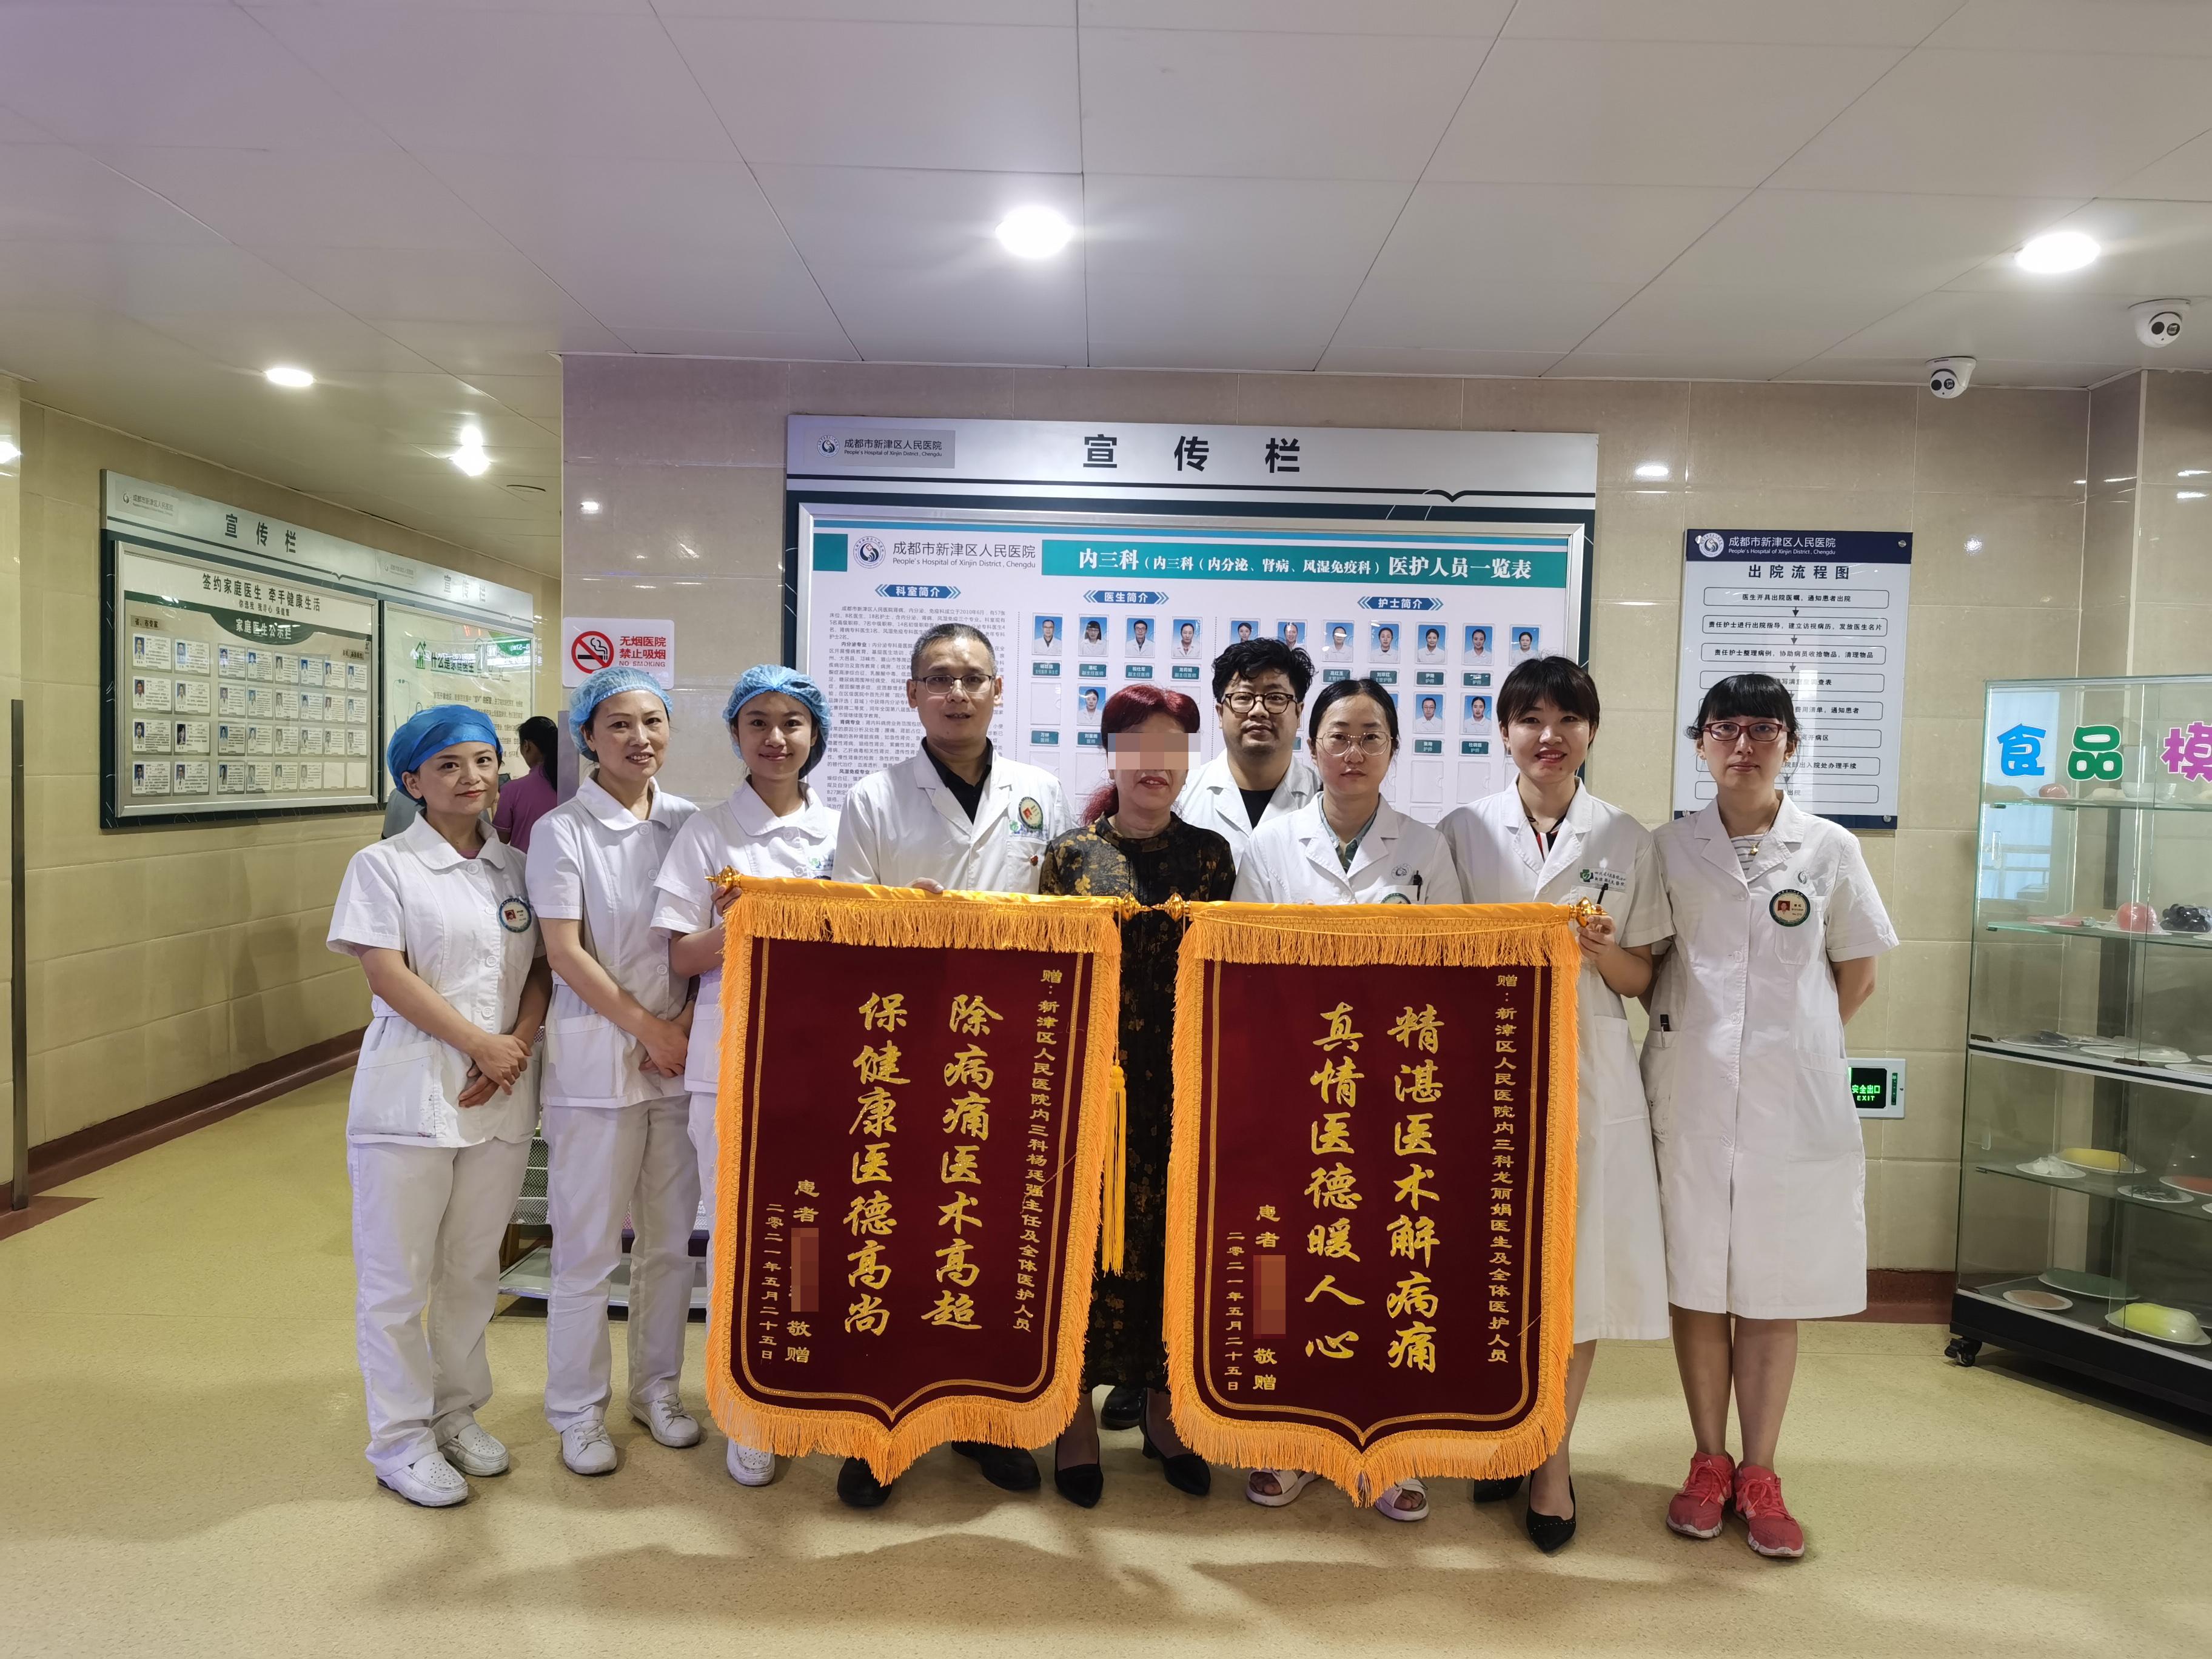 藏在一面面锦旗背后的成都市新津区人民医院「人文密码」